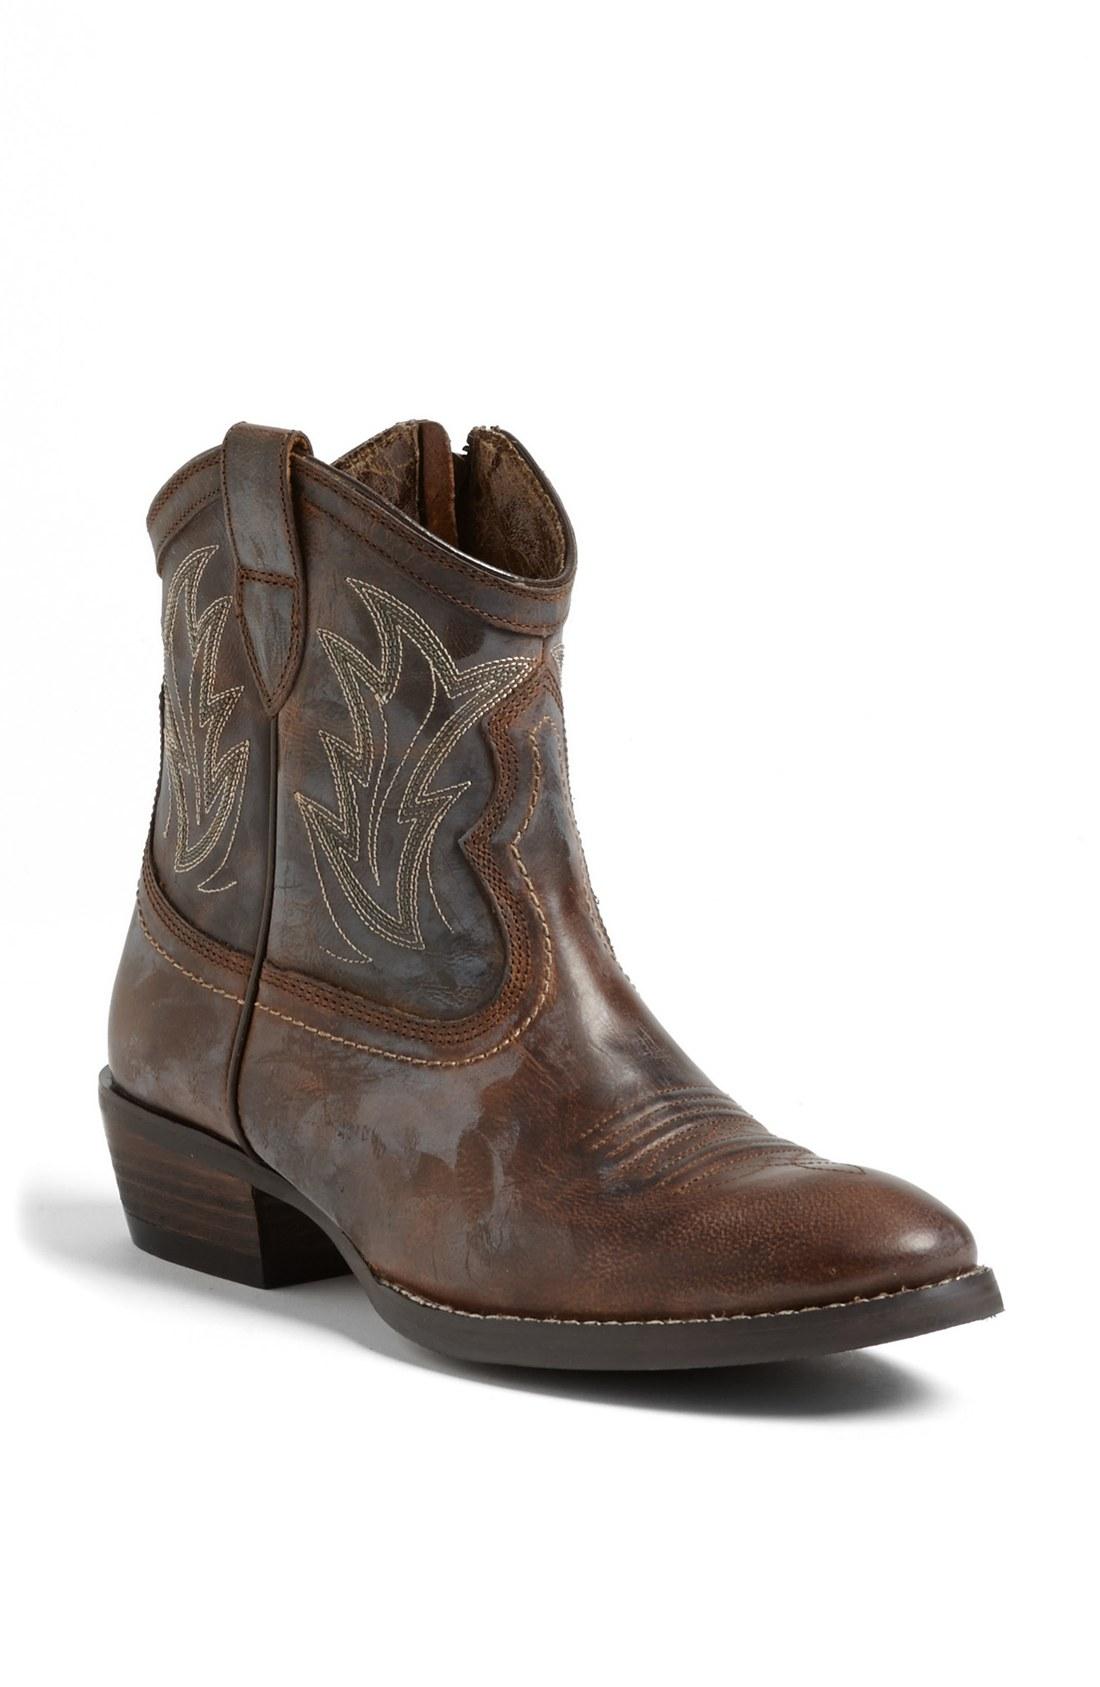 Ariat Boots Billie - Yu Boots